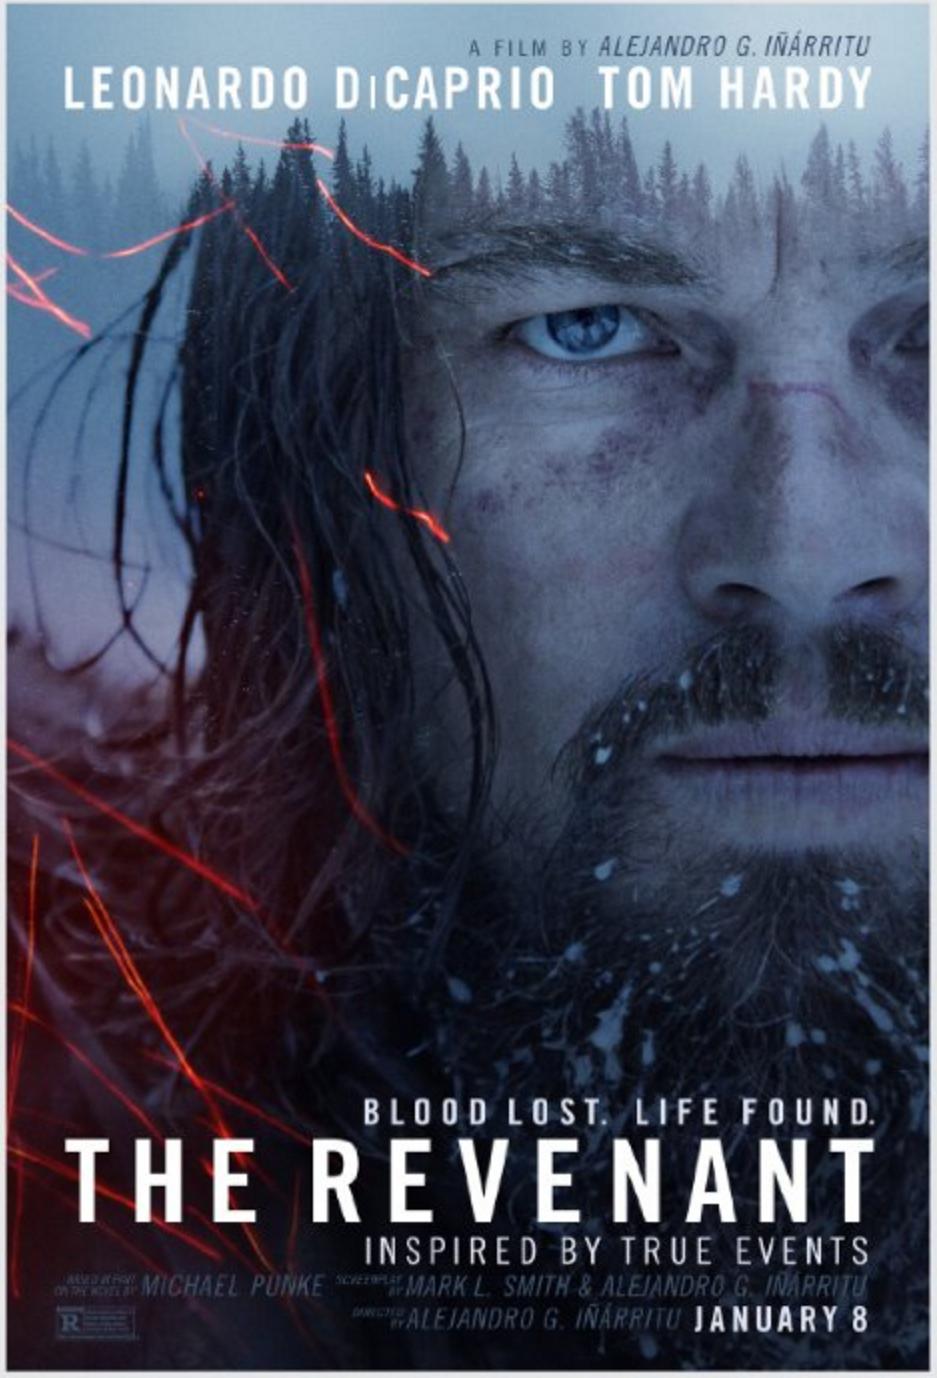 TheRevenantFeatureFilm.LeonardoDiCaprio.TomHardy